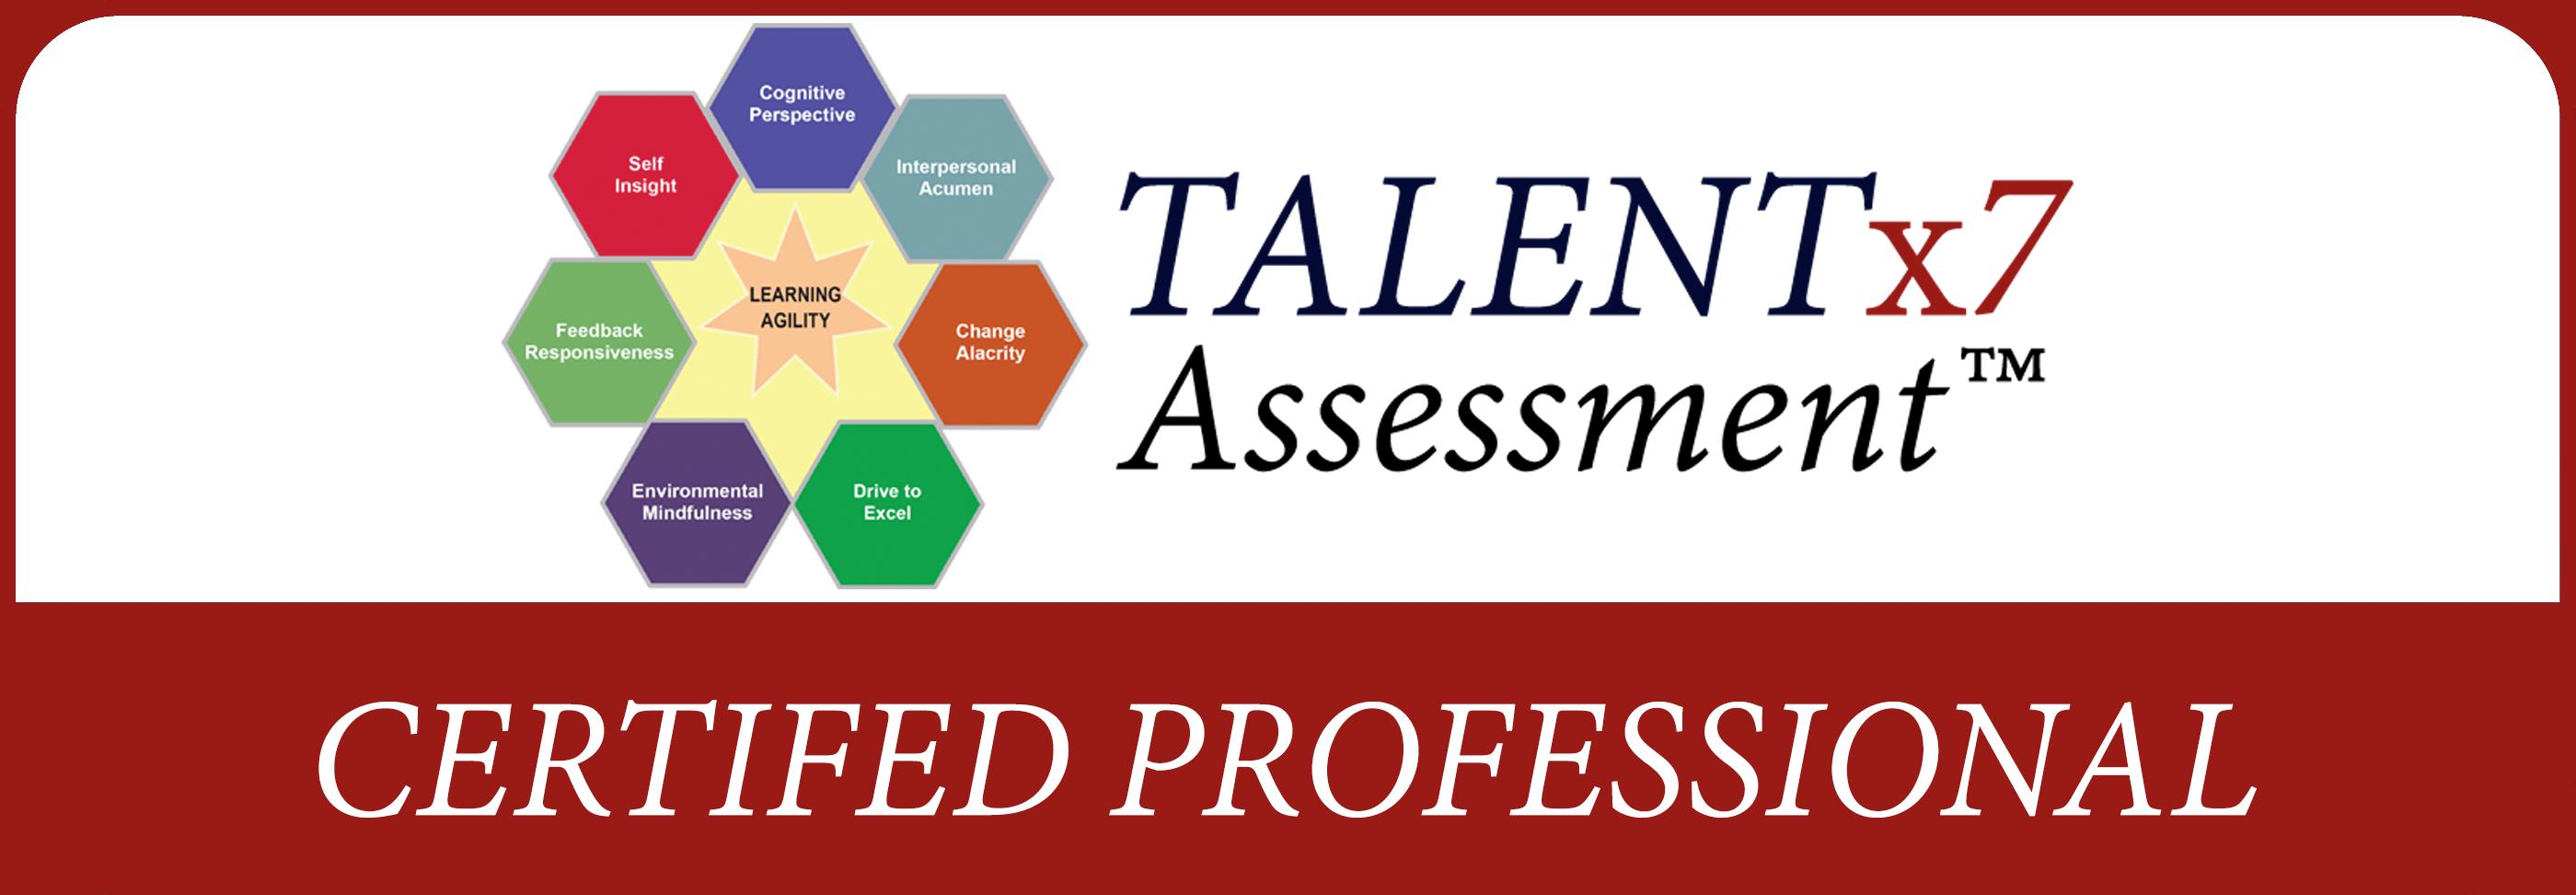 TALENTx7 Certification Learning Agility